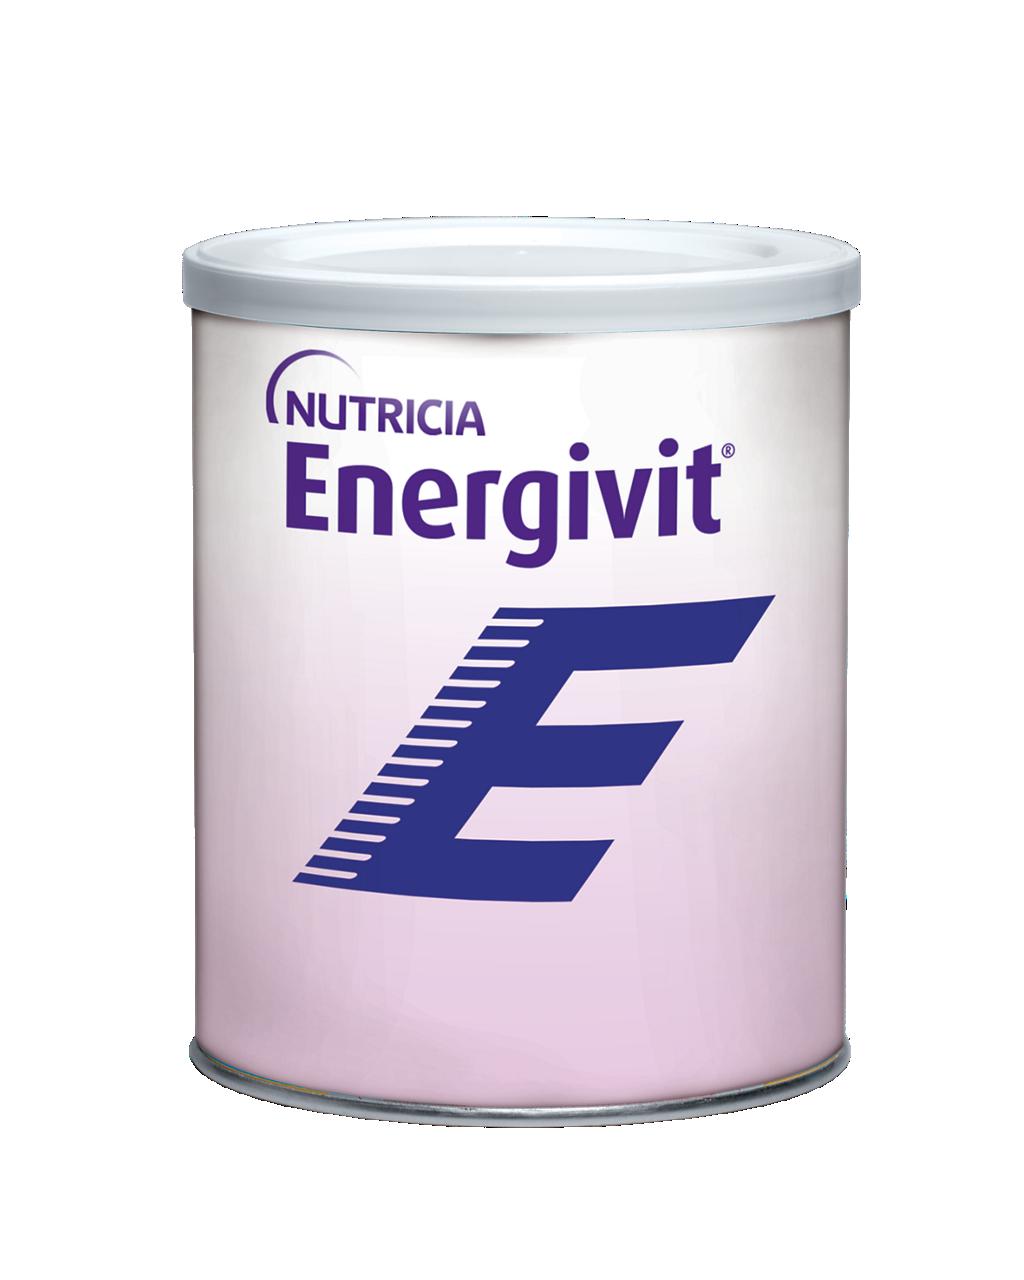 mets-energivit-powder-packshot.png